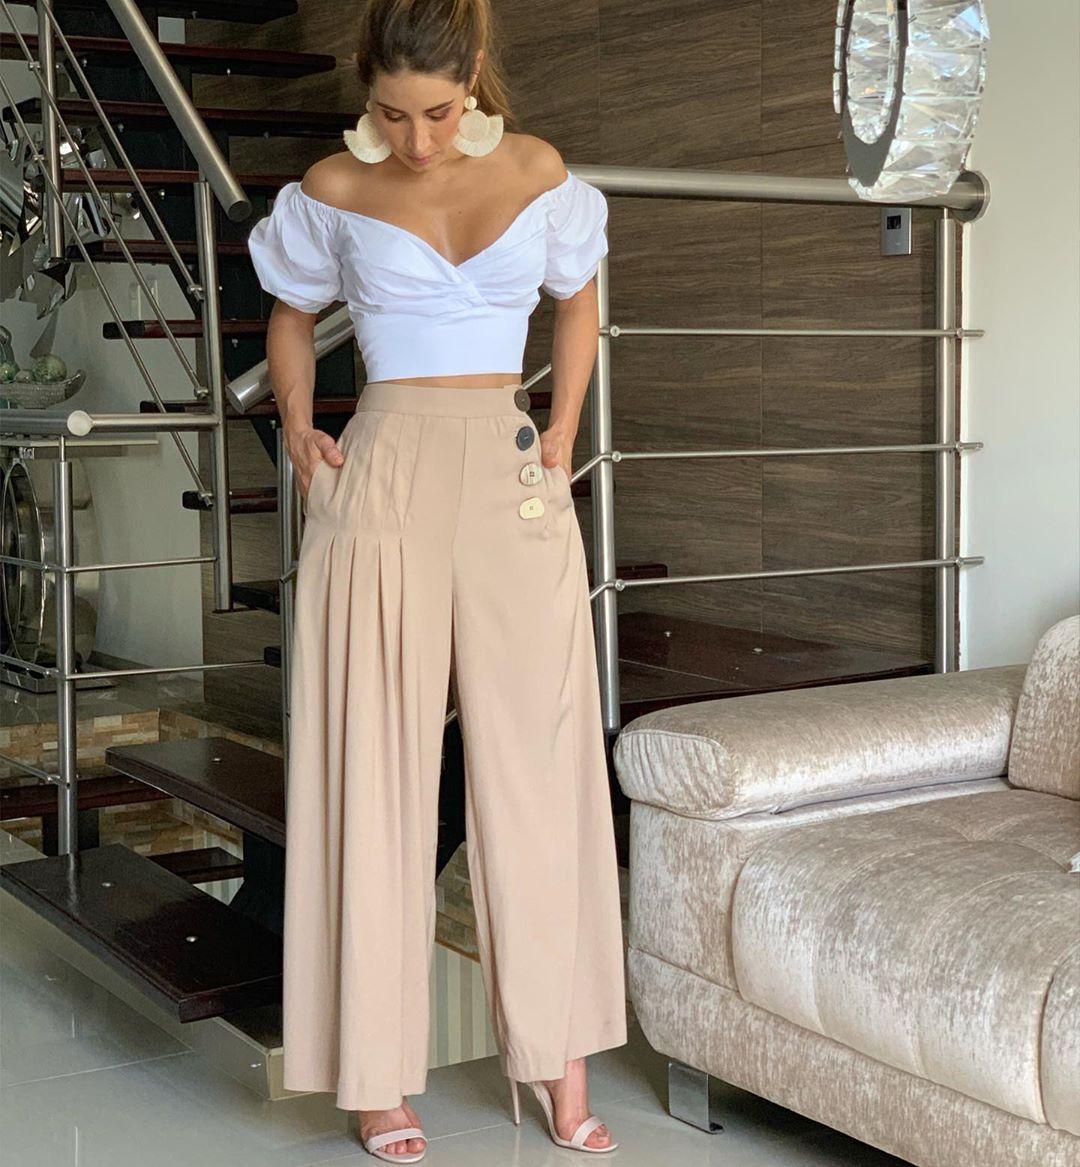 La Imagen Puede Contener Una O Varias Personas Pantalones De Moda Mujer Pantalones De Moda Ropa De Moda